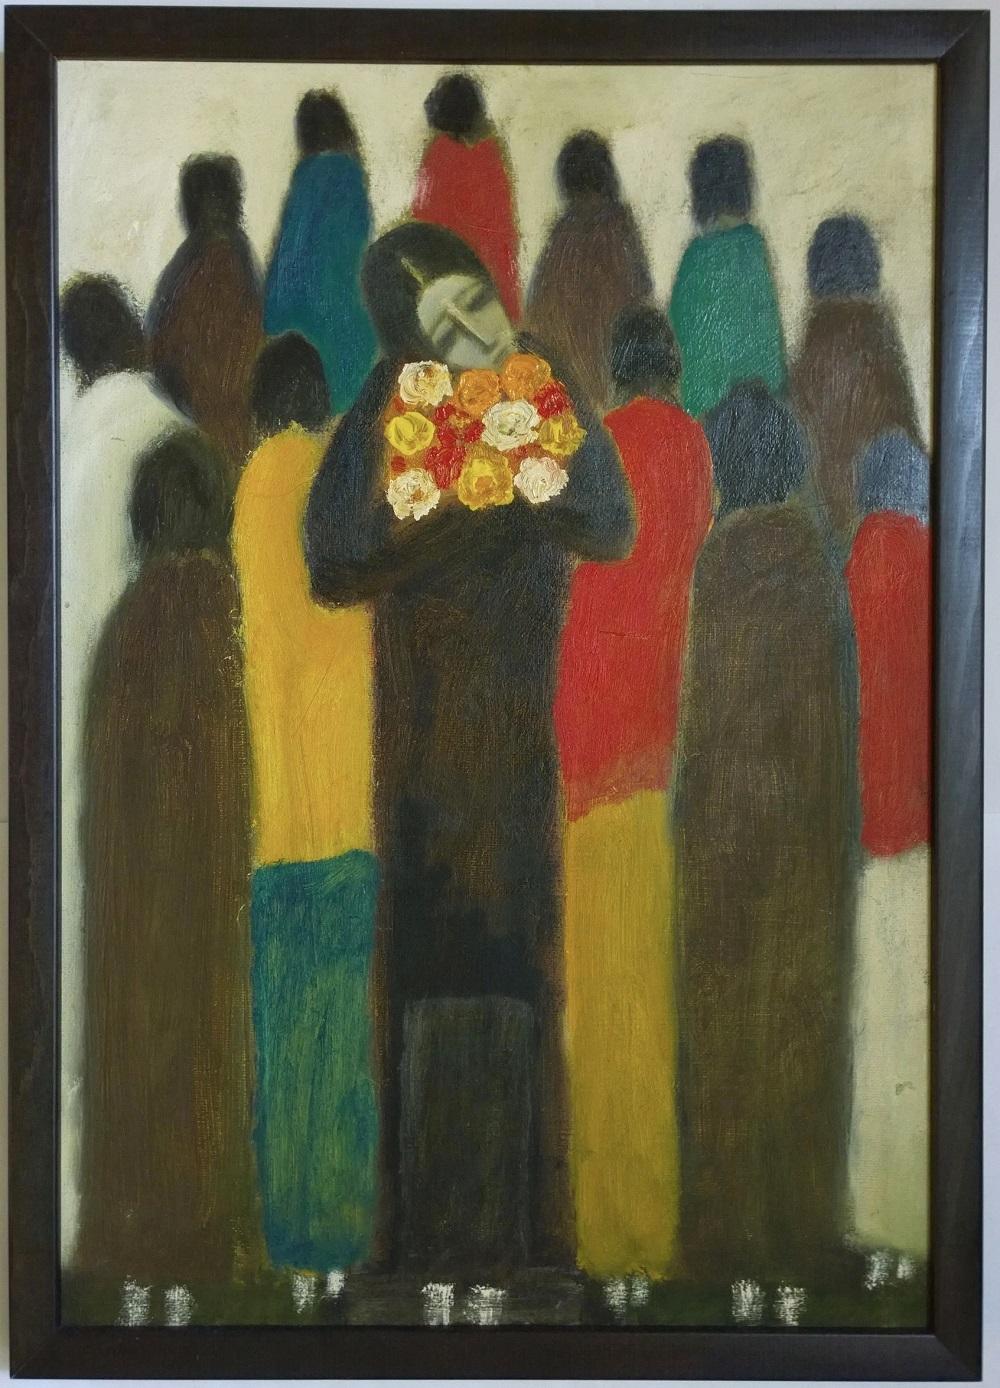 «Мерелоц». В коллекции Анатолия Киташева, Москва